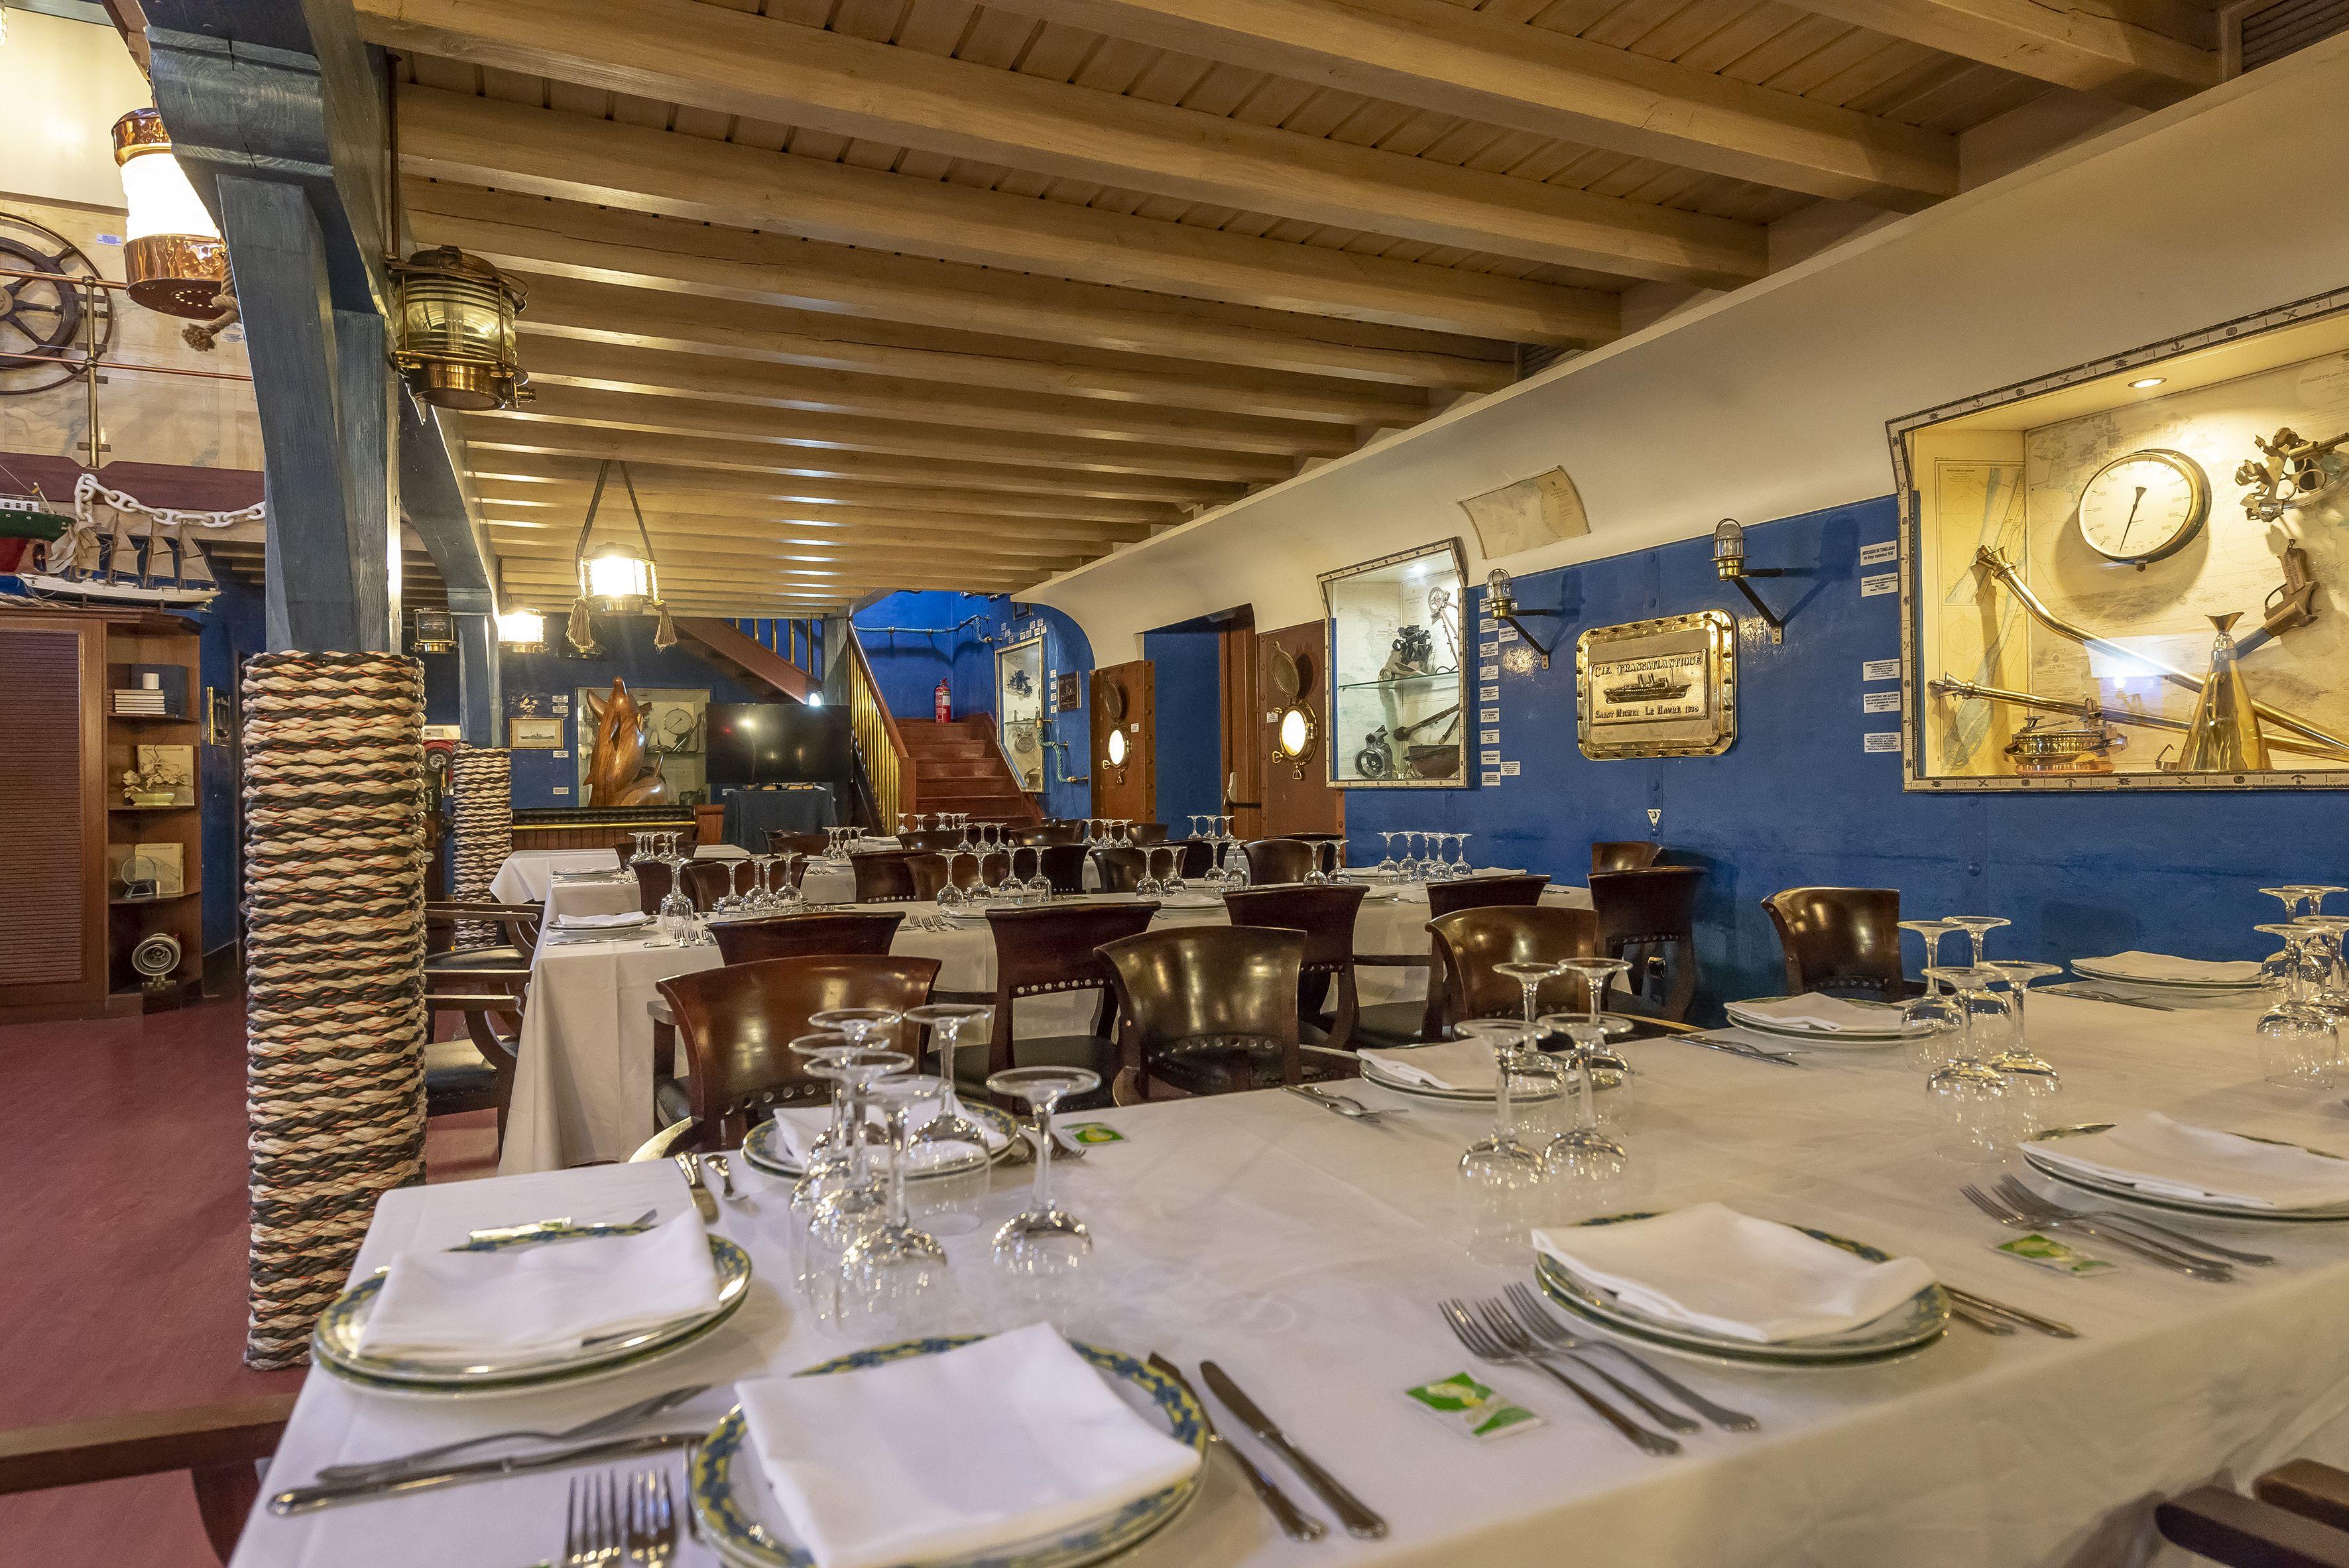 Foto 1 de Restaurante para celebraciones en Arrigorriaga | Restaurante Untzigain - Museo el Barco